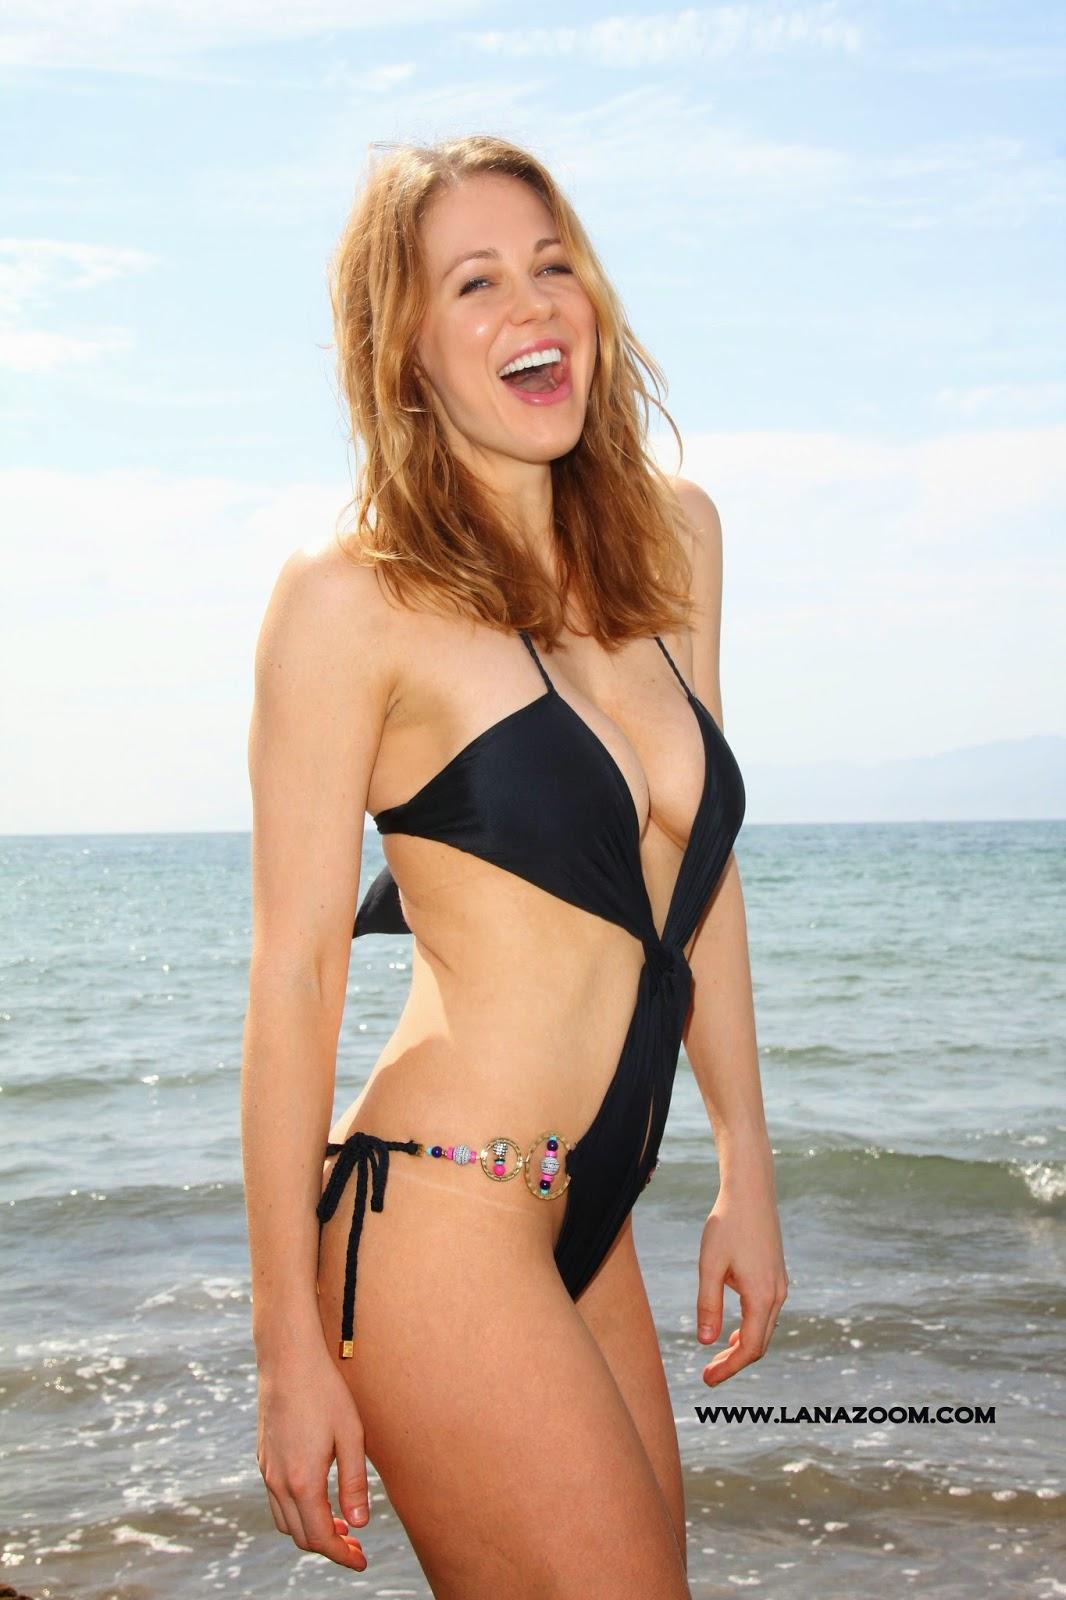 صور ميتلاند وارد ترتدي ملابس سباحة مثيرة تظهر جسدها الناعم في شاطئ ماليبو